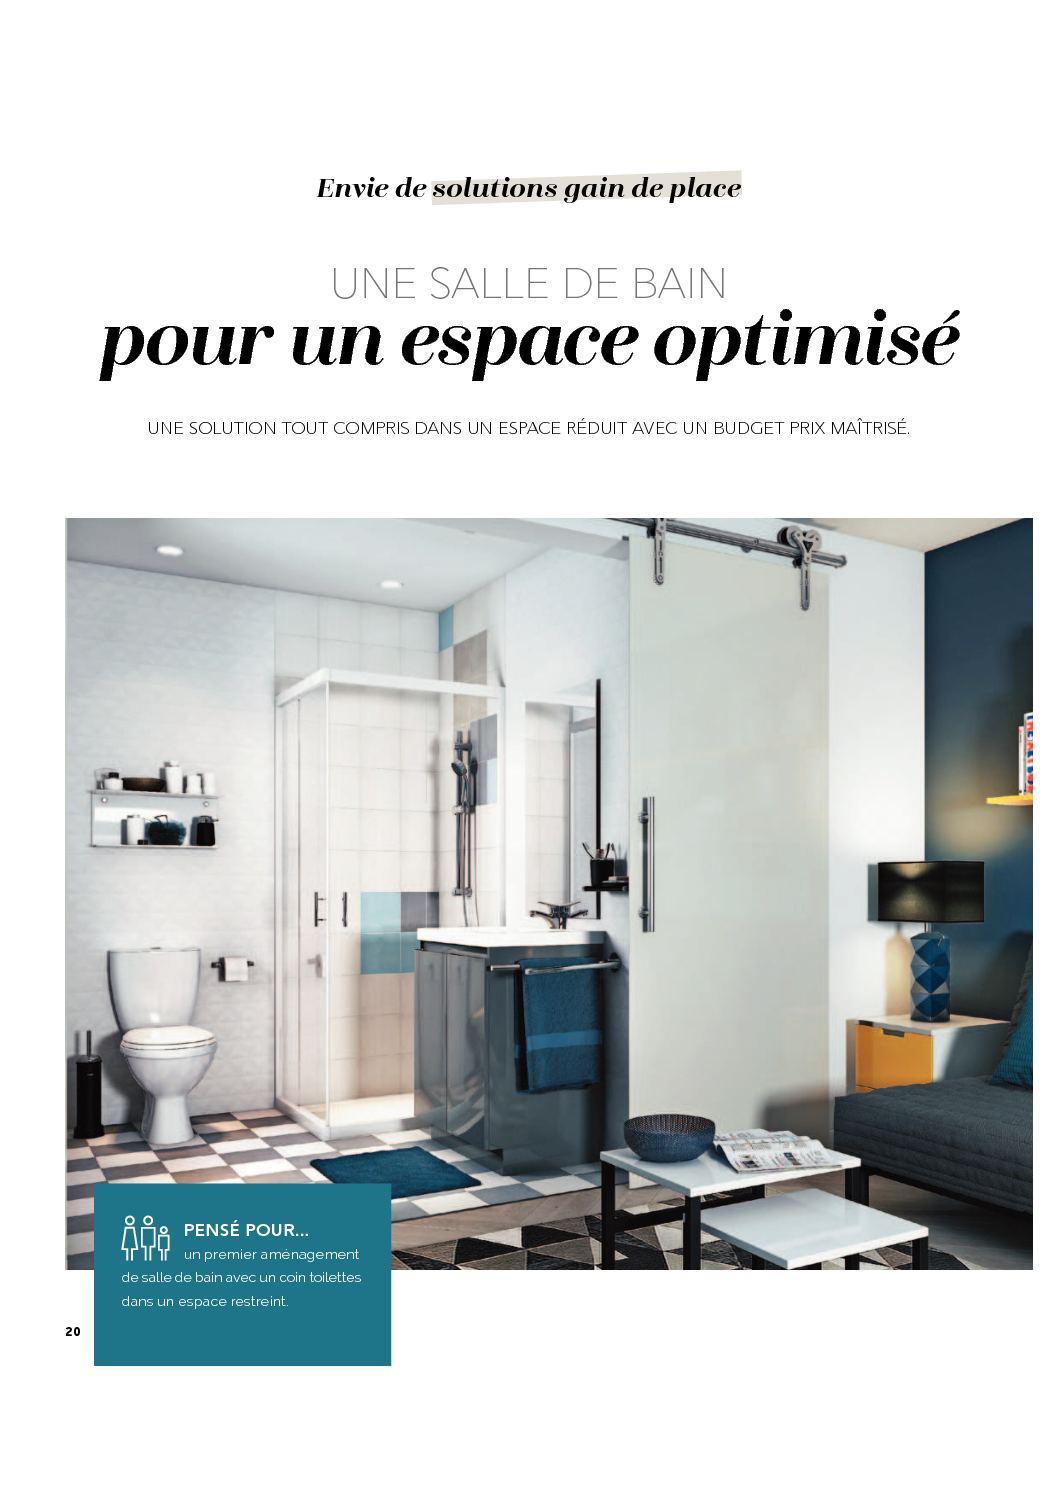 Toilette Gain De Place cédéo salle de bain 2017 - calameo downloader